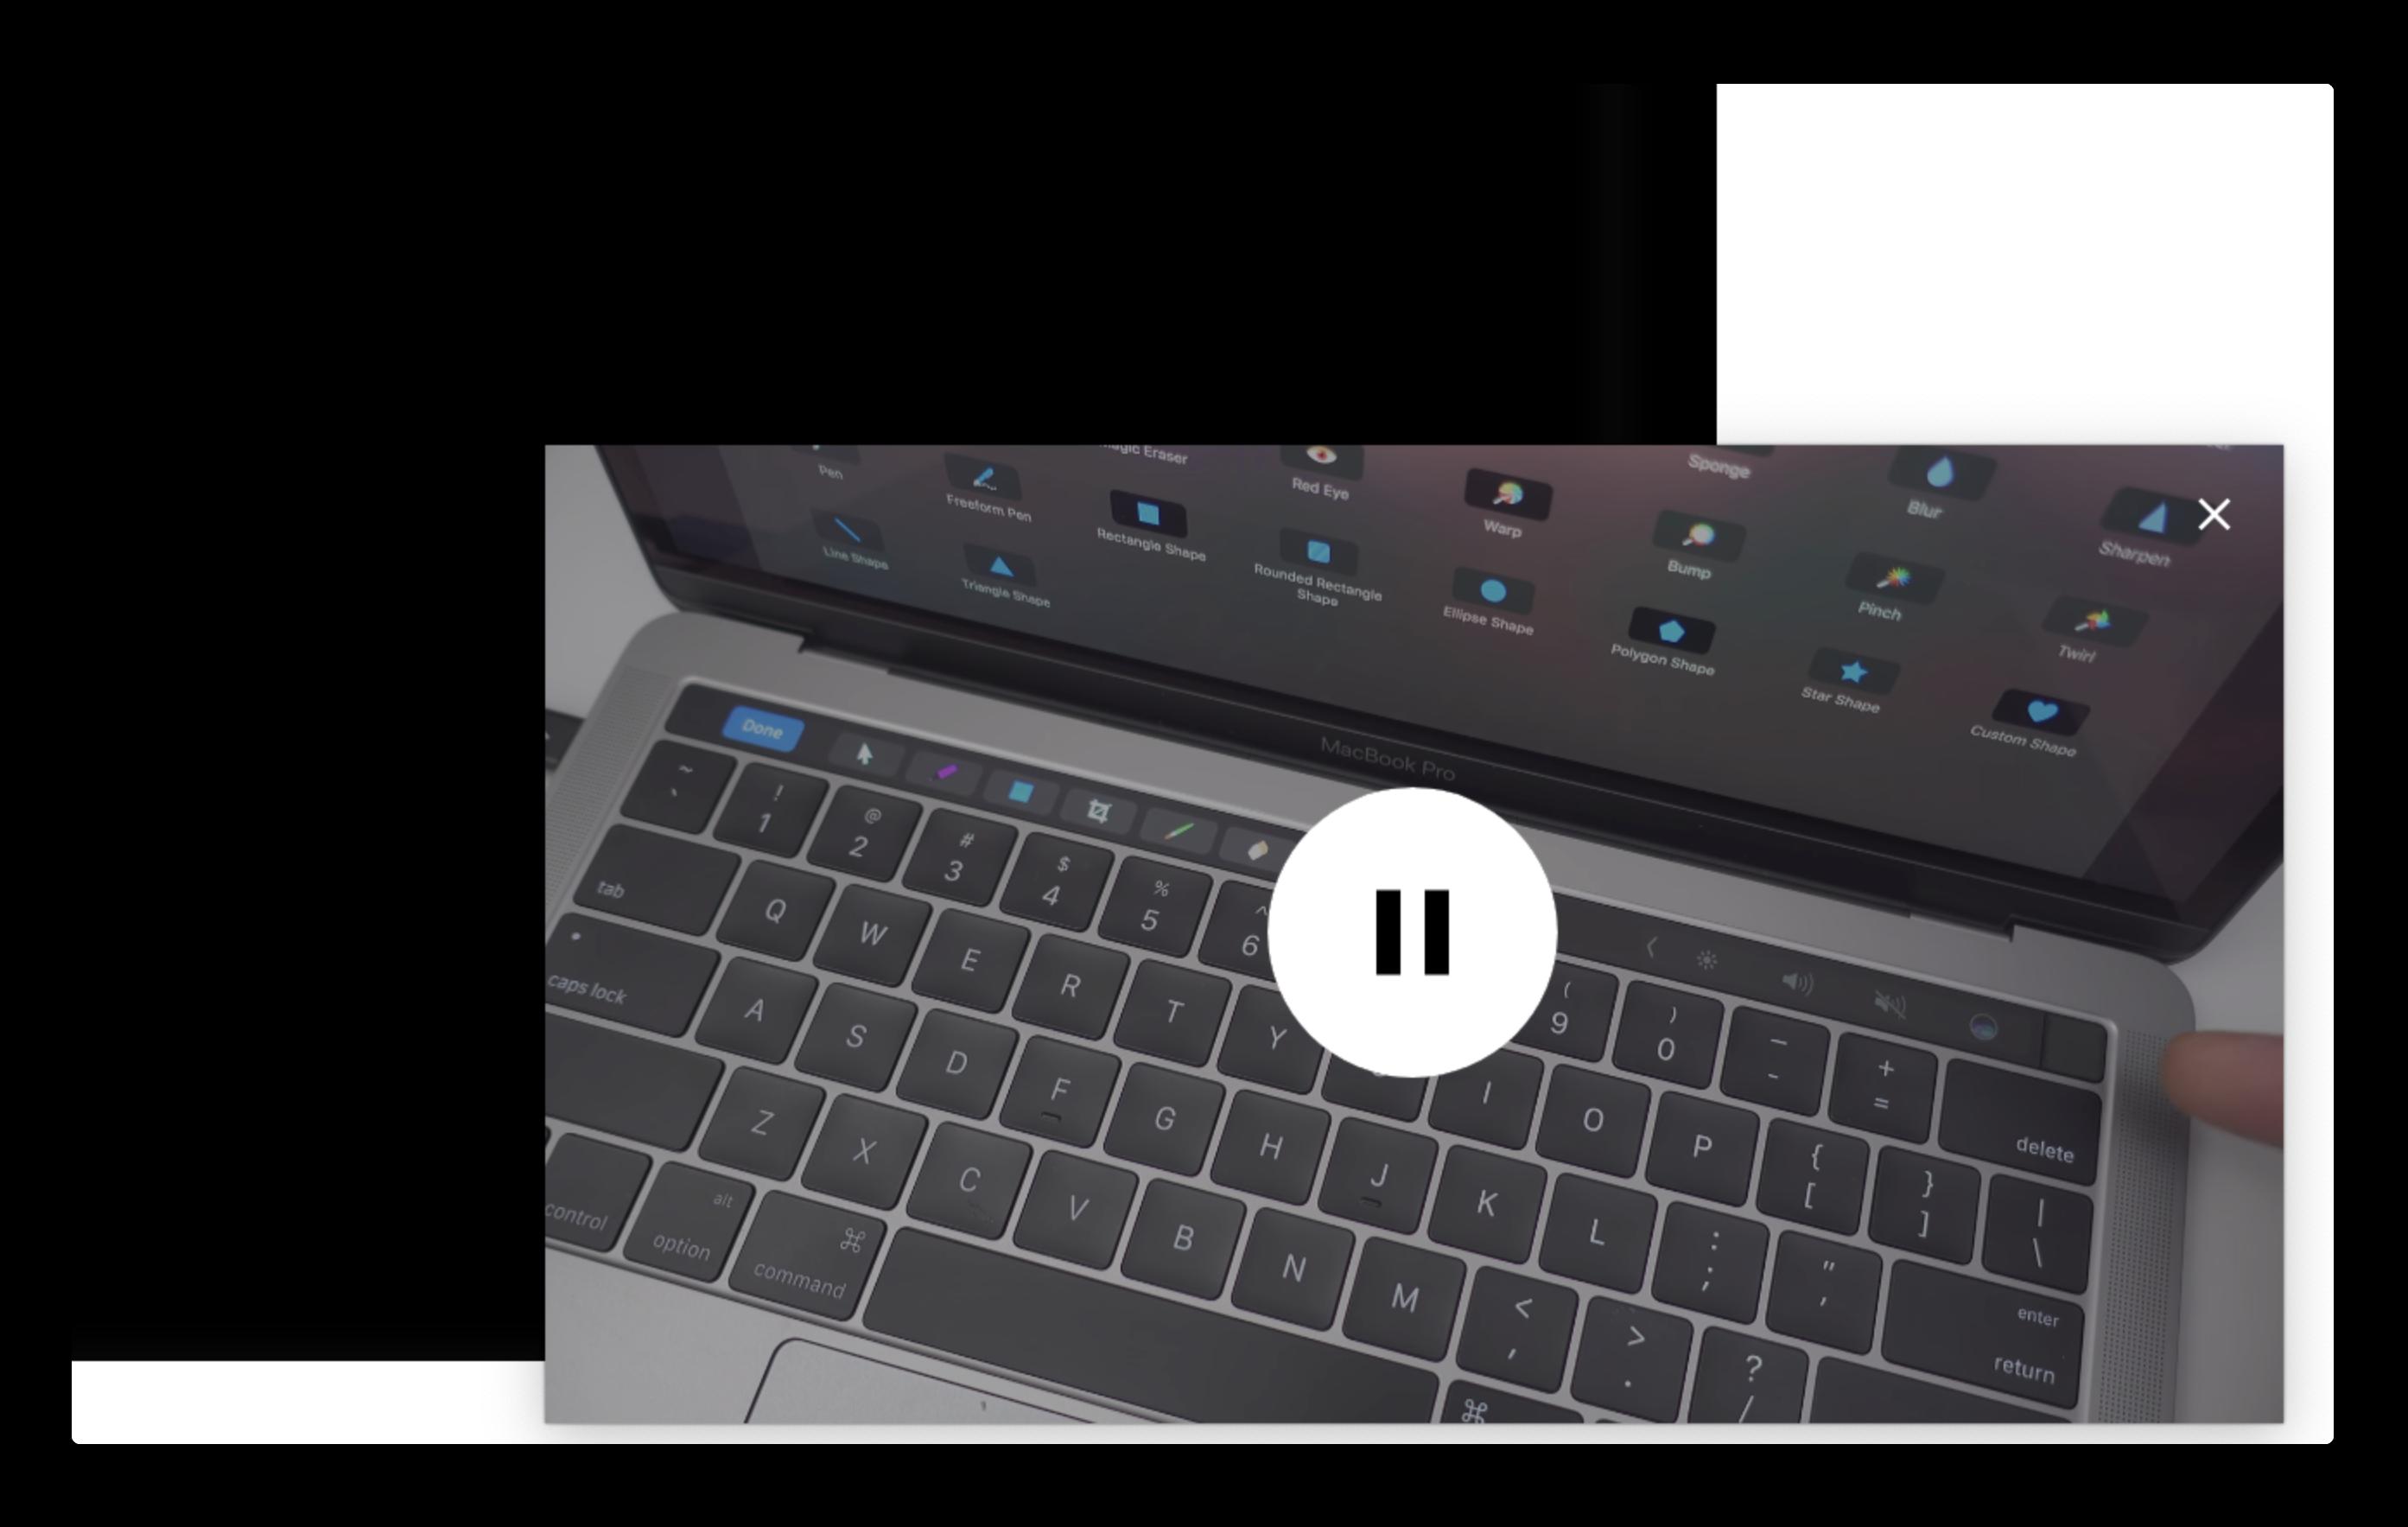 【Mac】最新のChrome バージョン70では、Safariと同じようにピクチャー・イン・ピクチャーが利用可能に